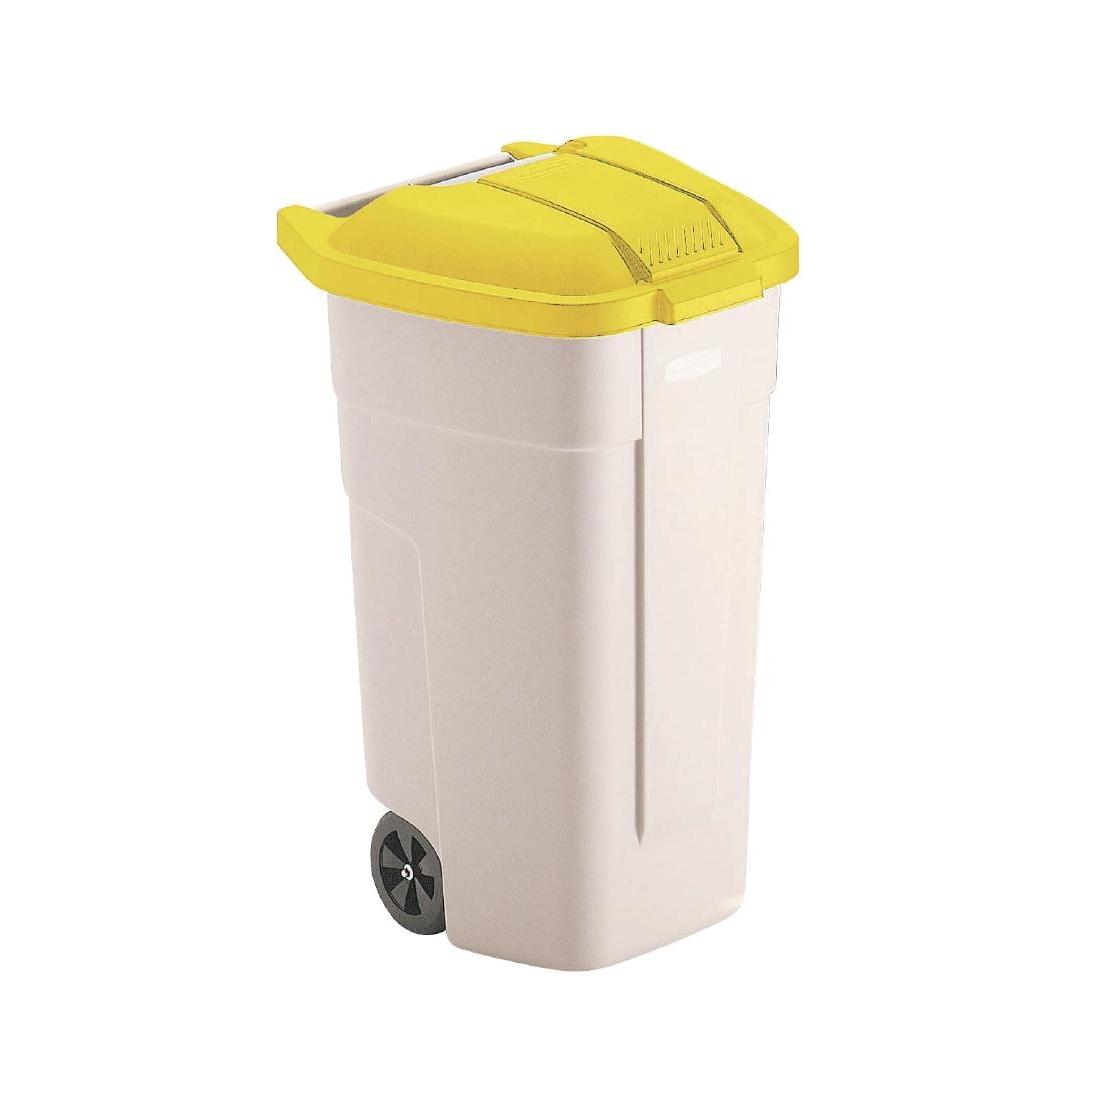 Conteneur roulant Rubbermaid 100L couvercle jaune